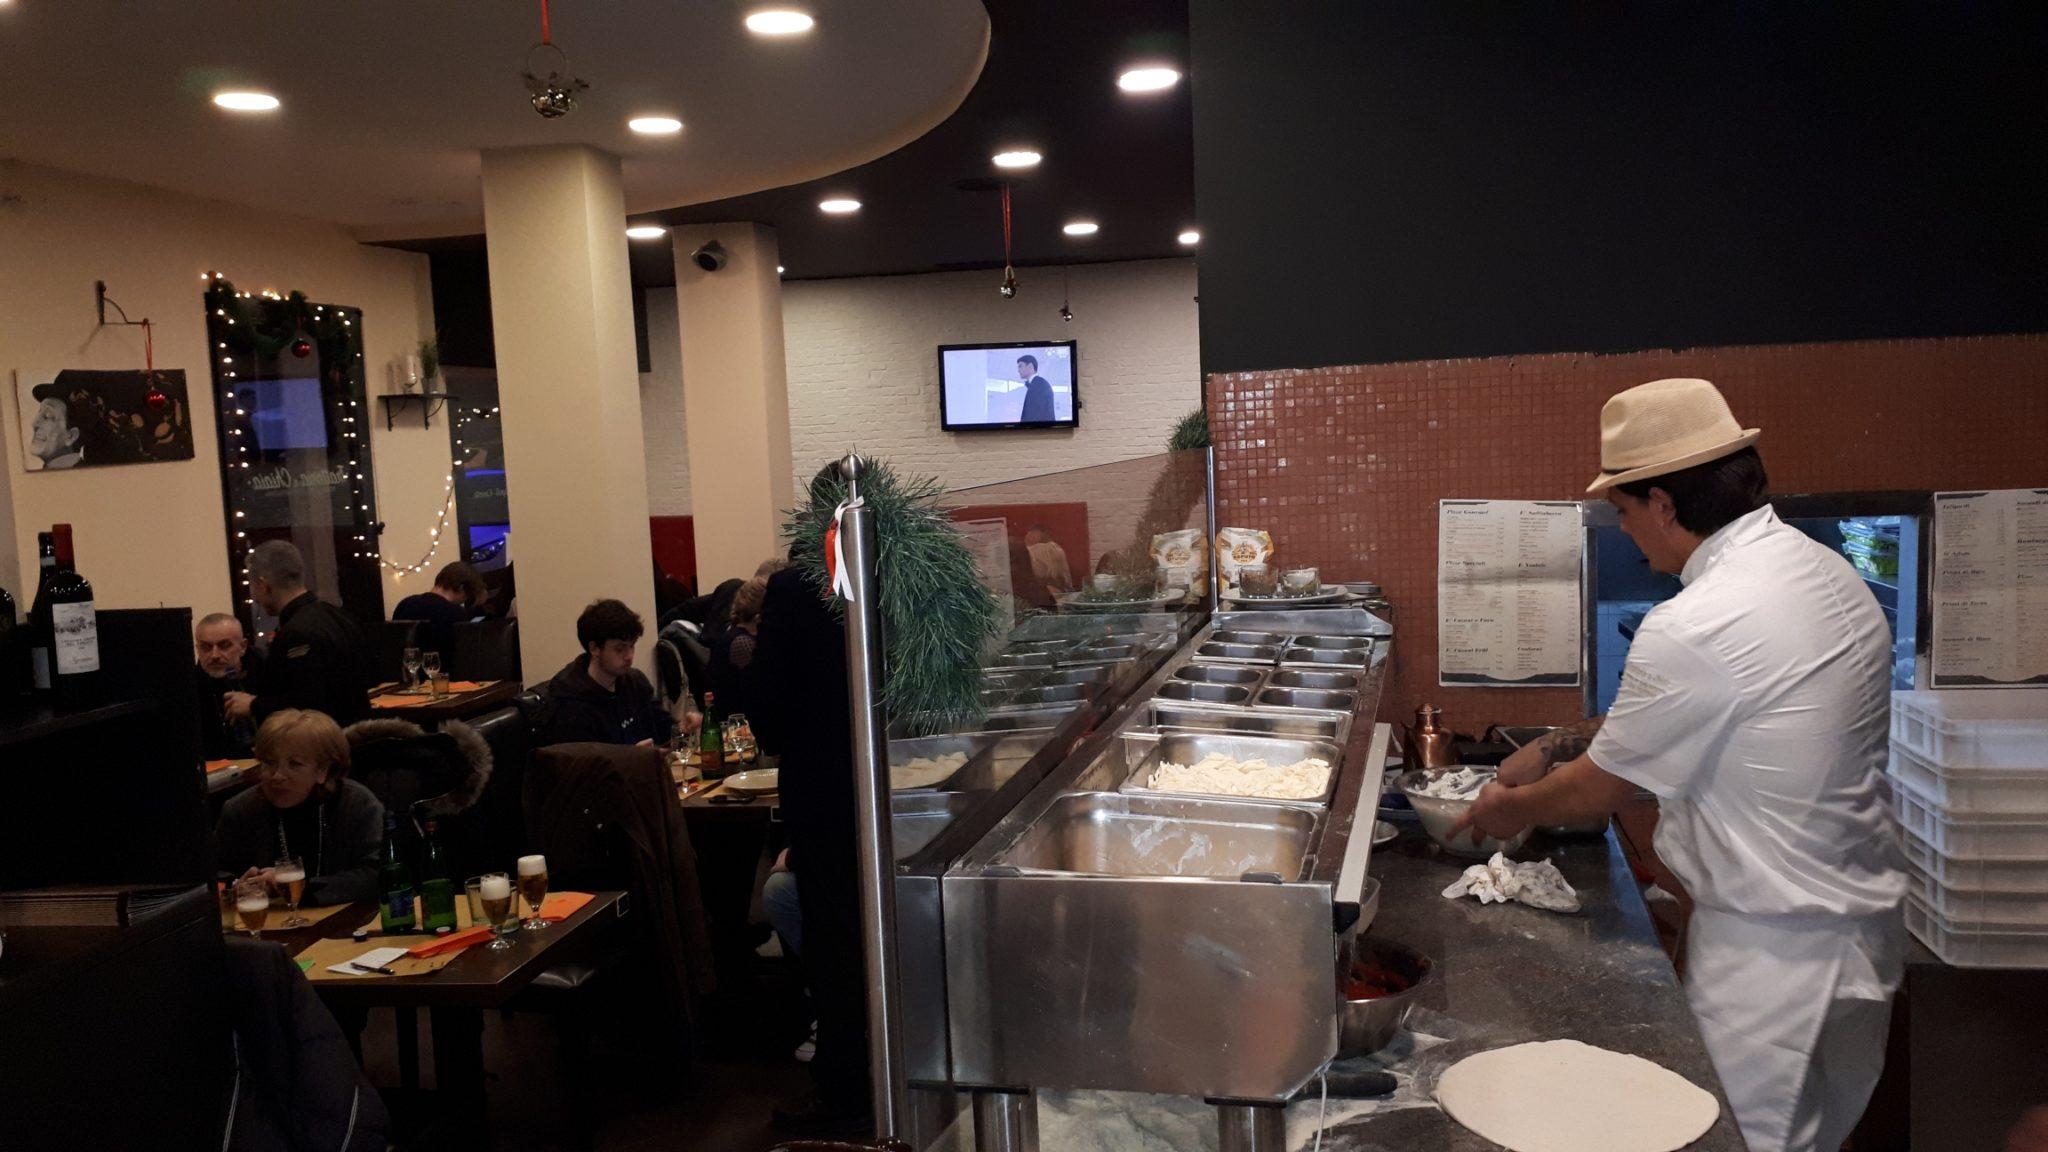 La pizza Mammà, Mandorlata e a Ruota di Carretto all'inaugurazione della Trattoria Chiaia di Caserta